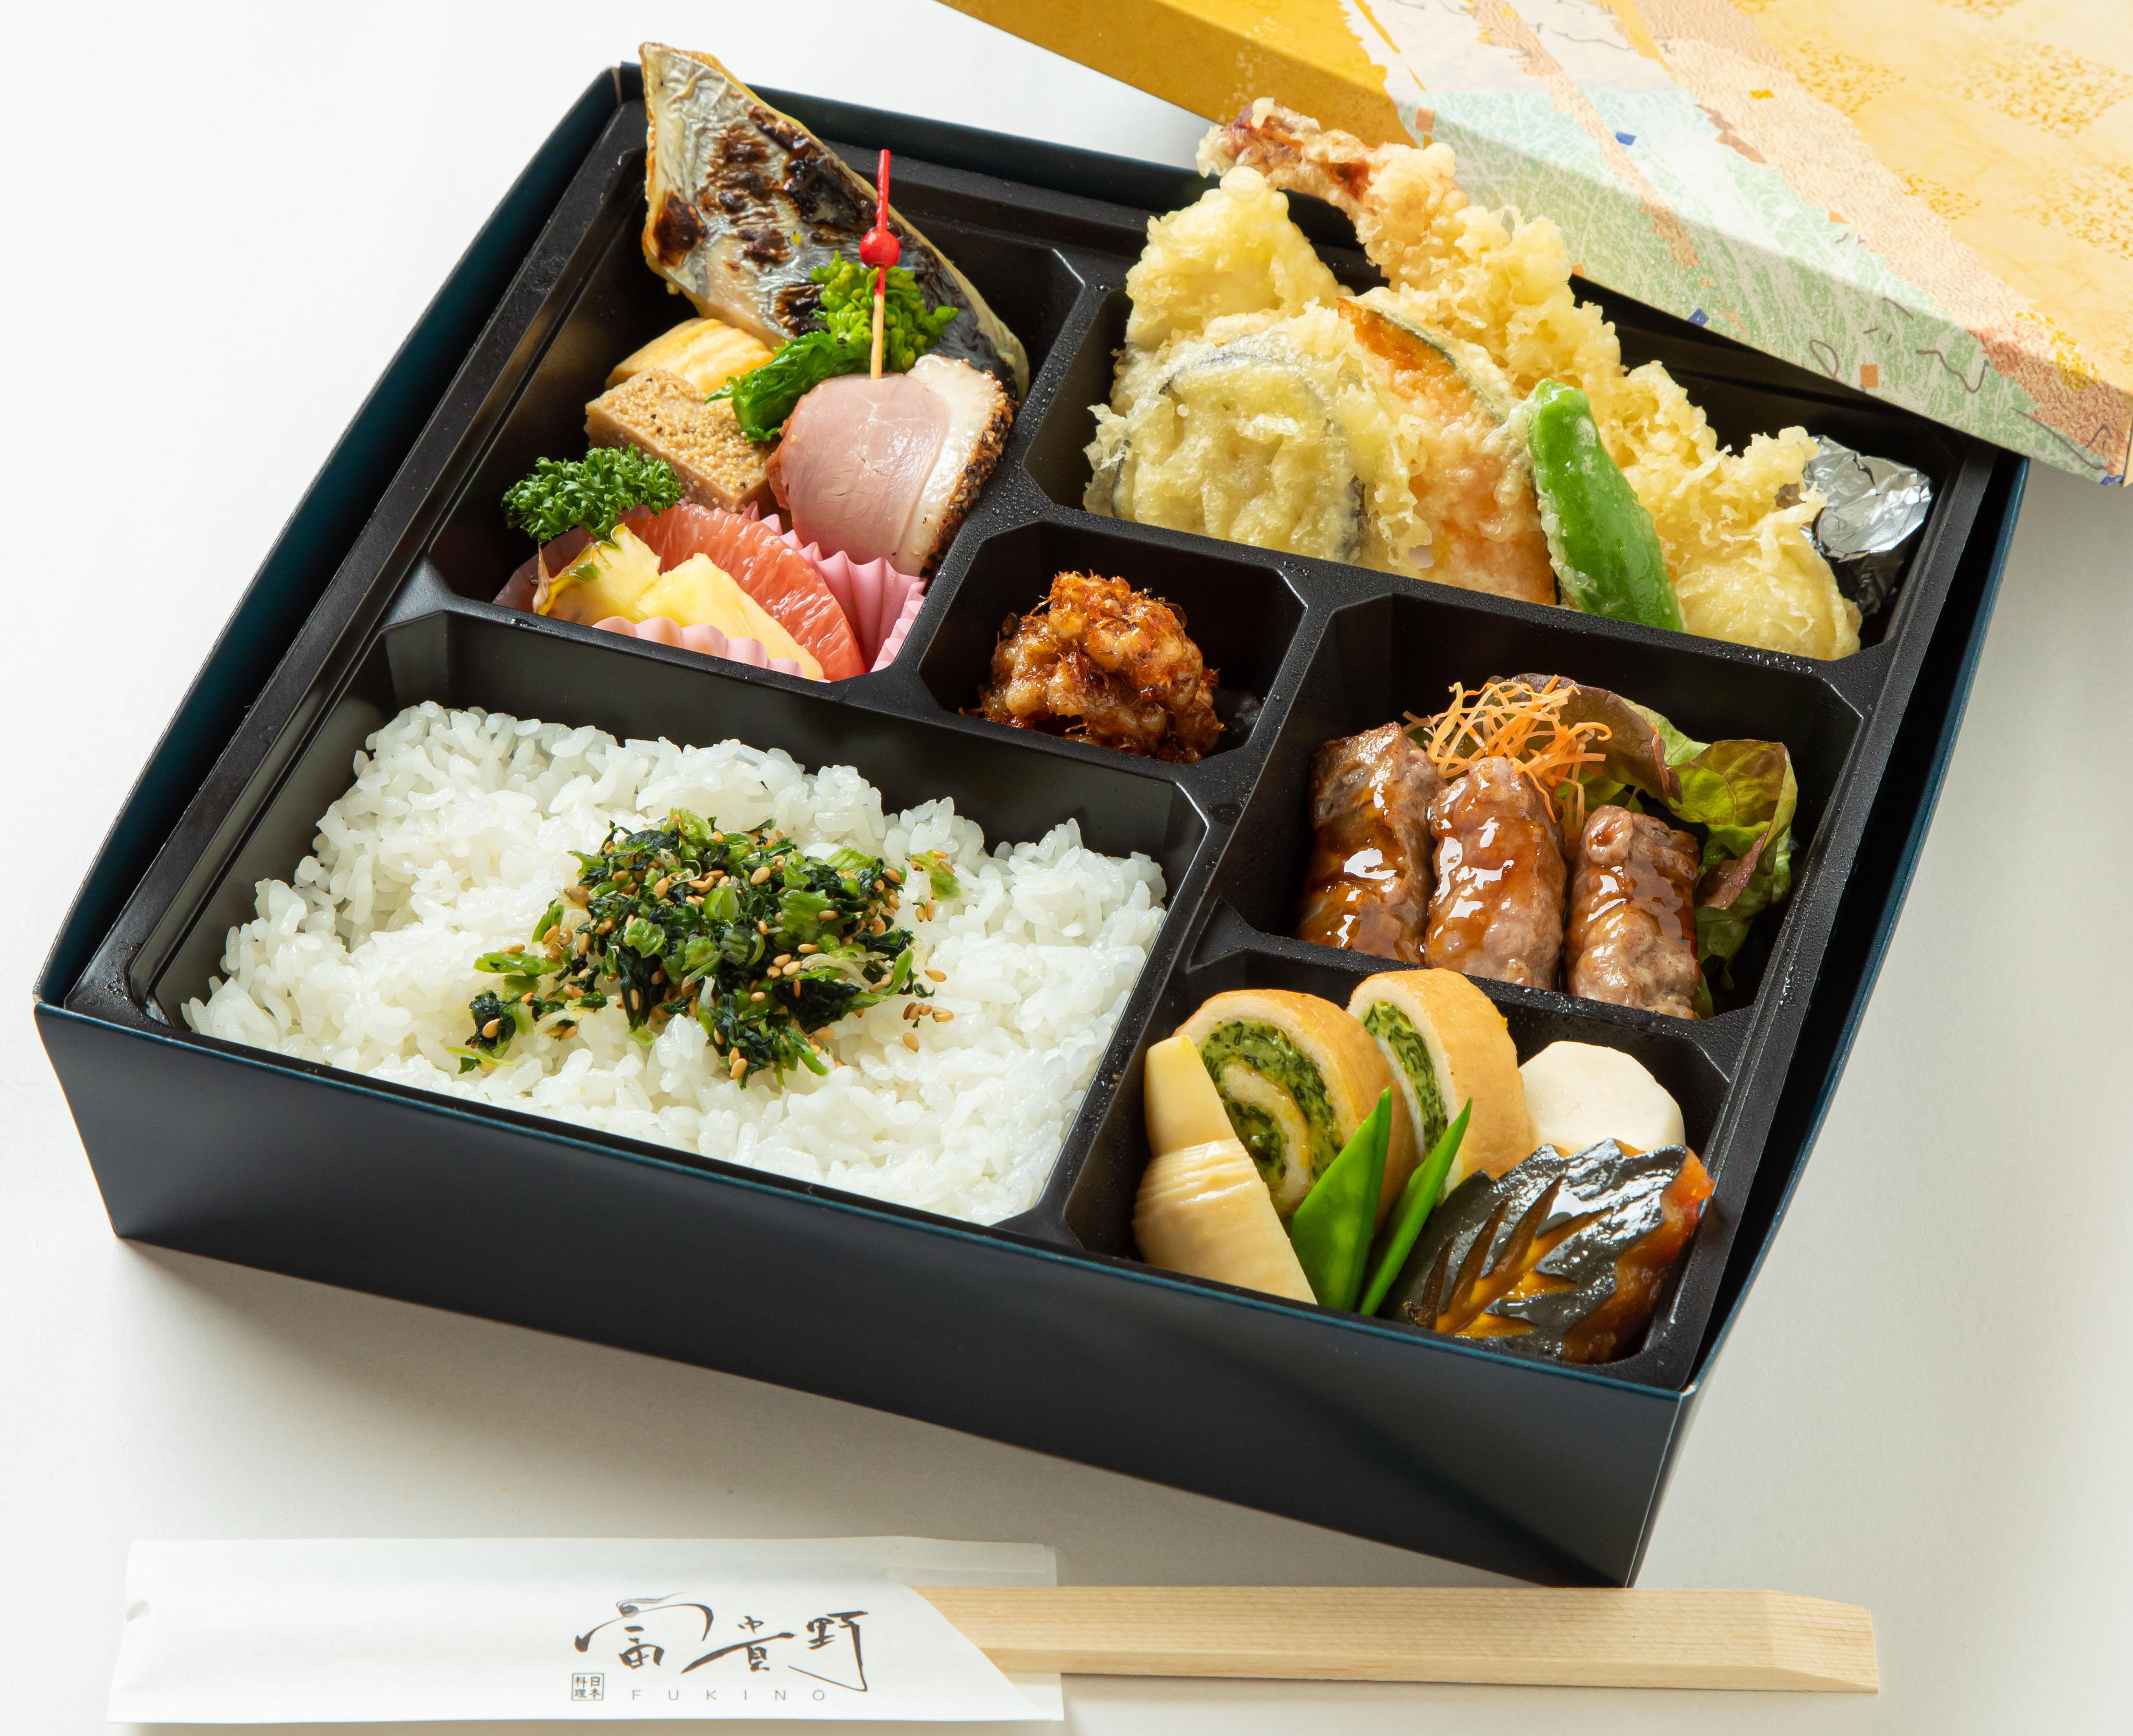 日本料理 富貴野 『特製弁当』のご案内